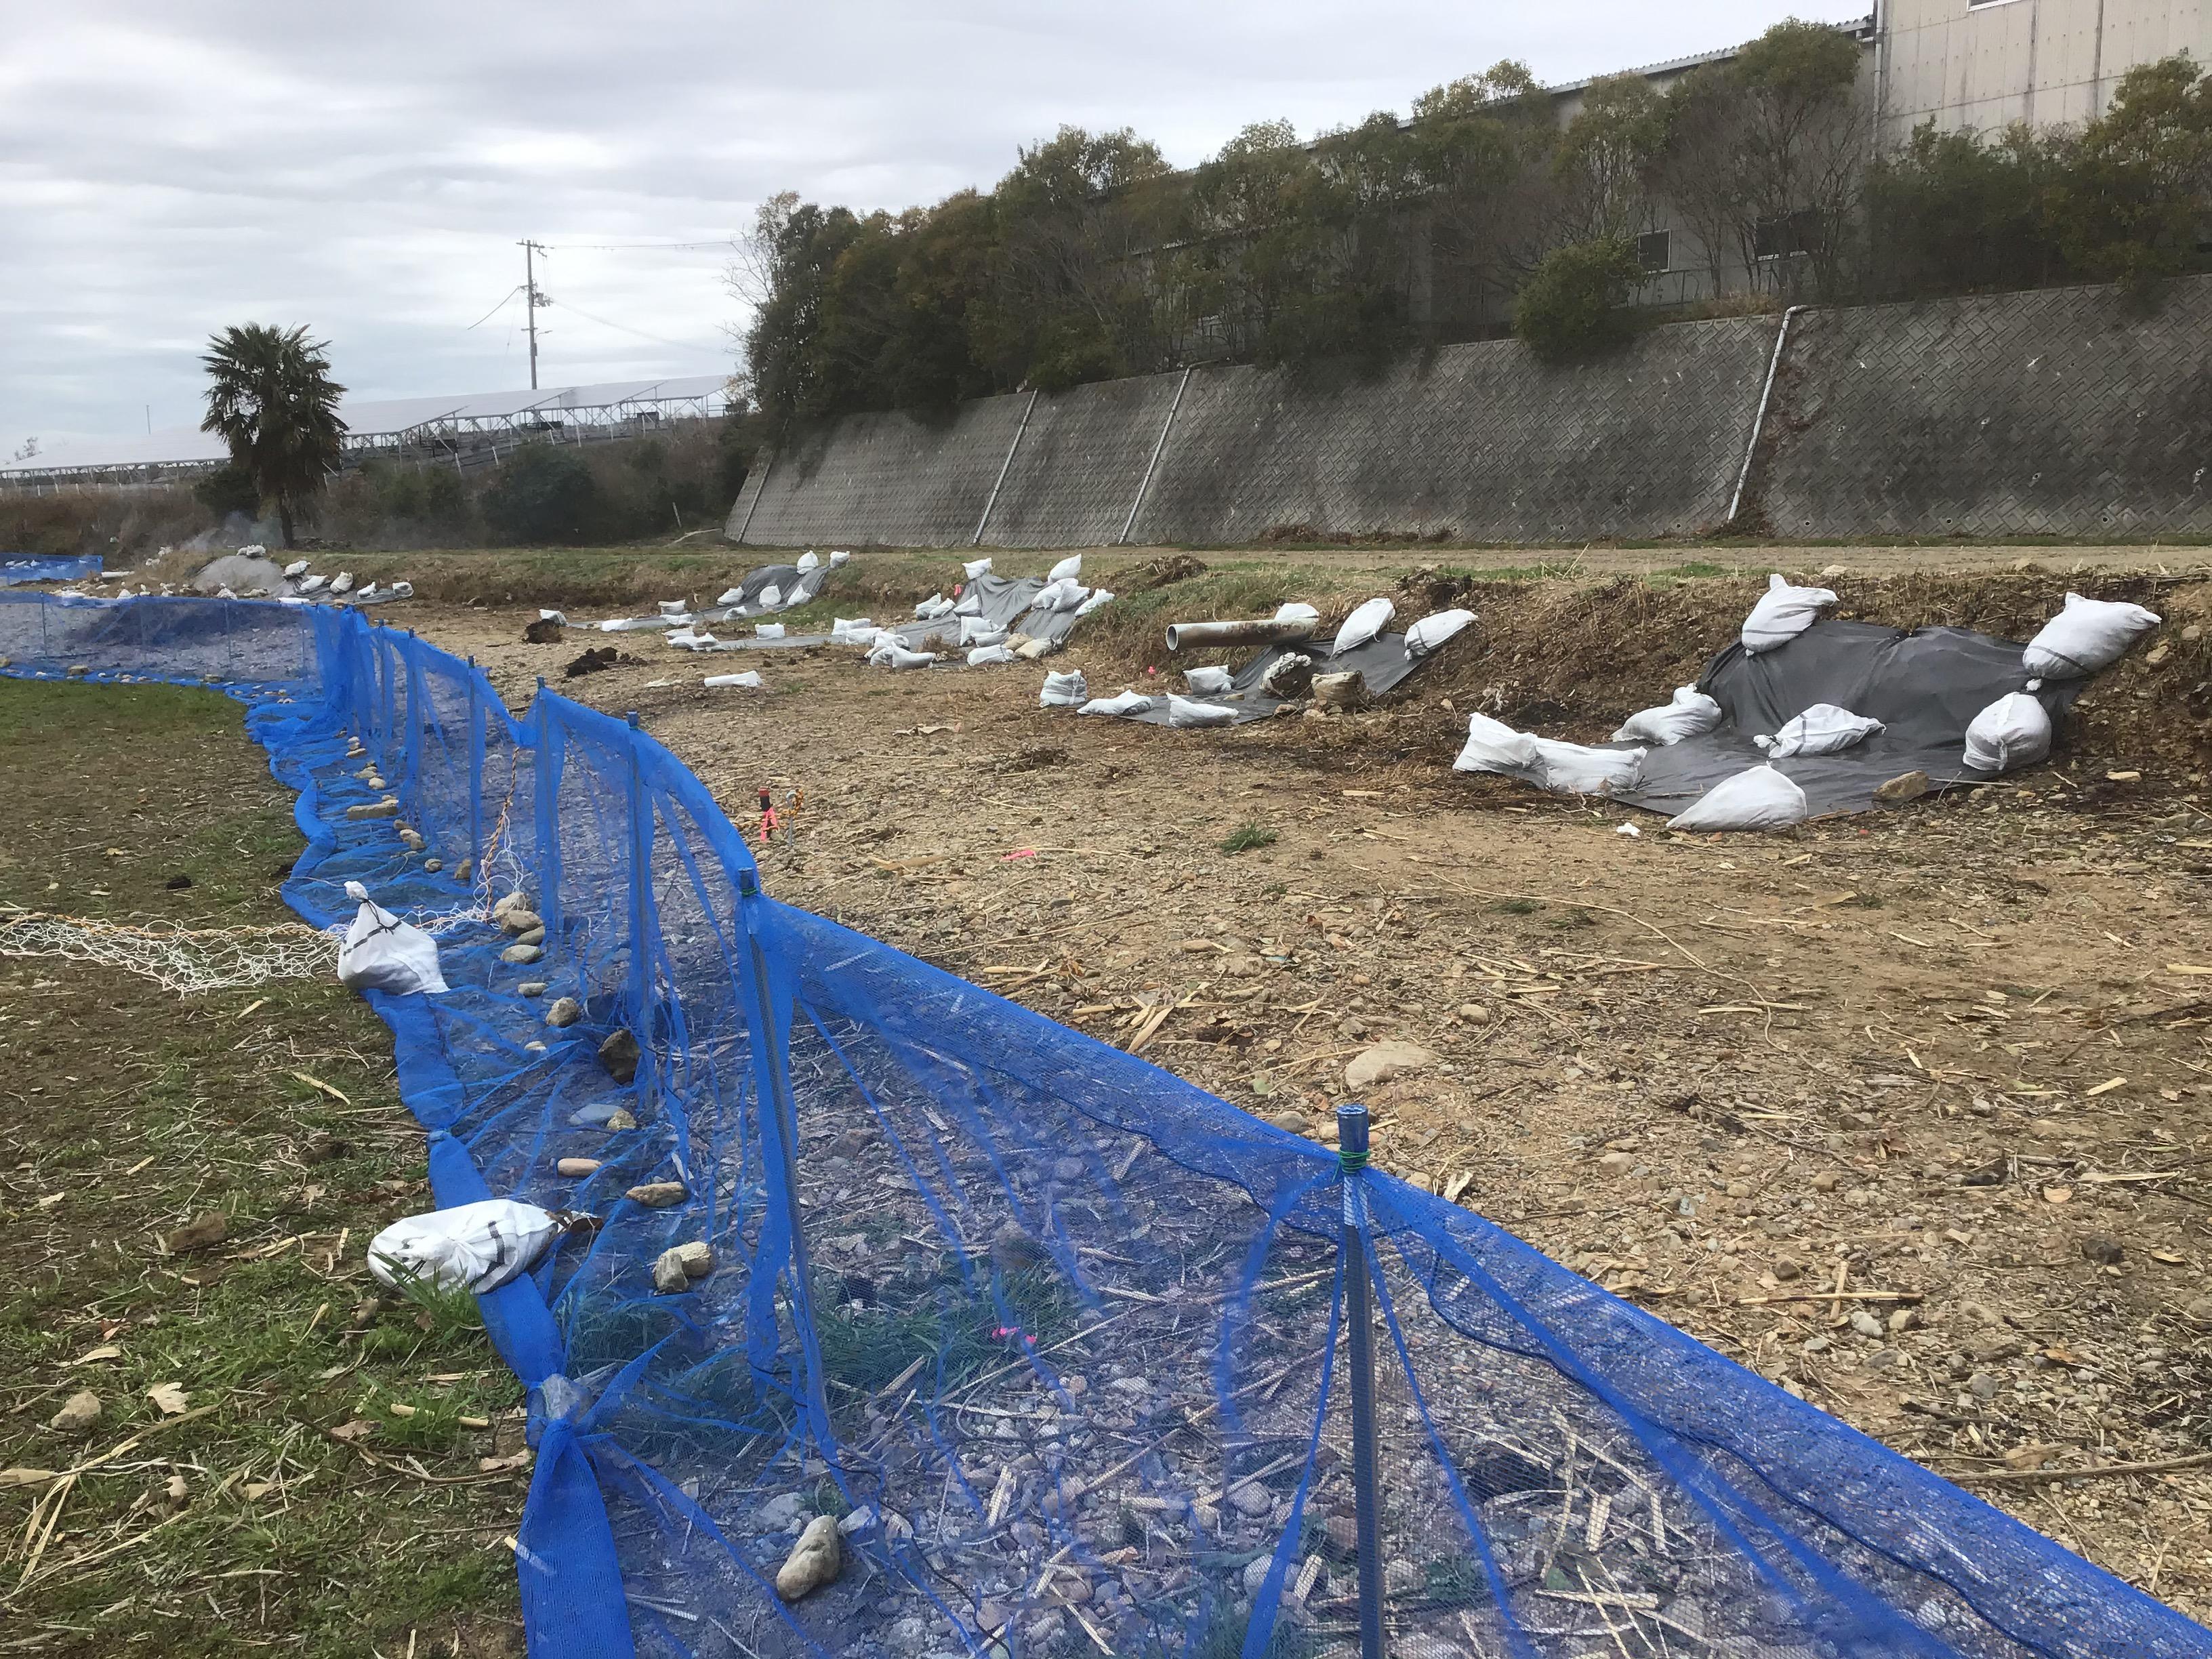 手前青い網は漂着防止柵。堤防斜面には利水シート。現場で作業しましたが、このシート中中のものです。幅2m×長さ50m×厚み0.5㎜×重さ60kgを裁断使用してます。